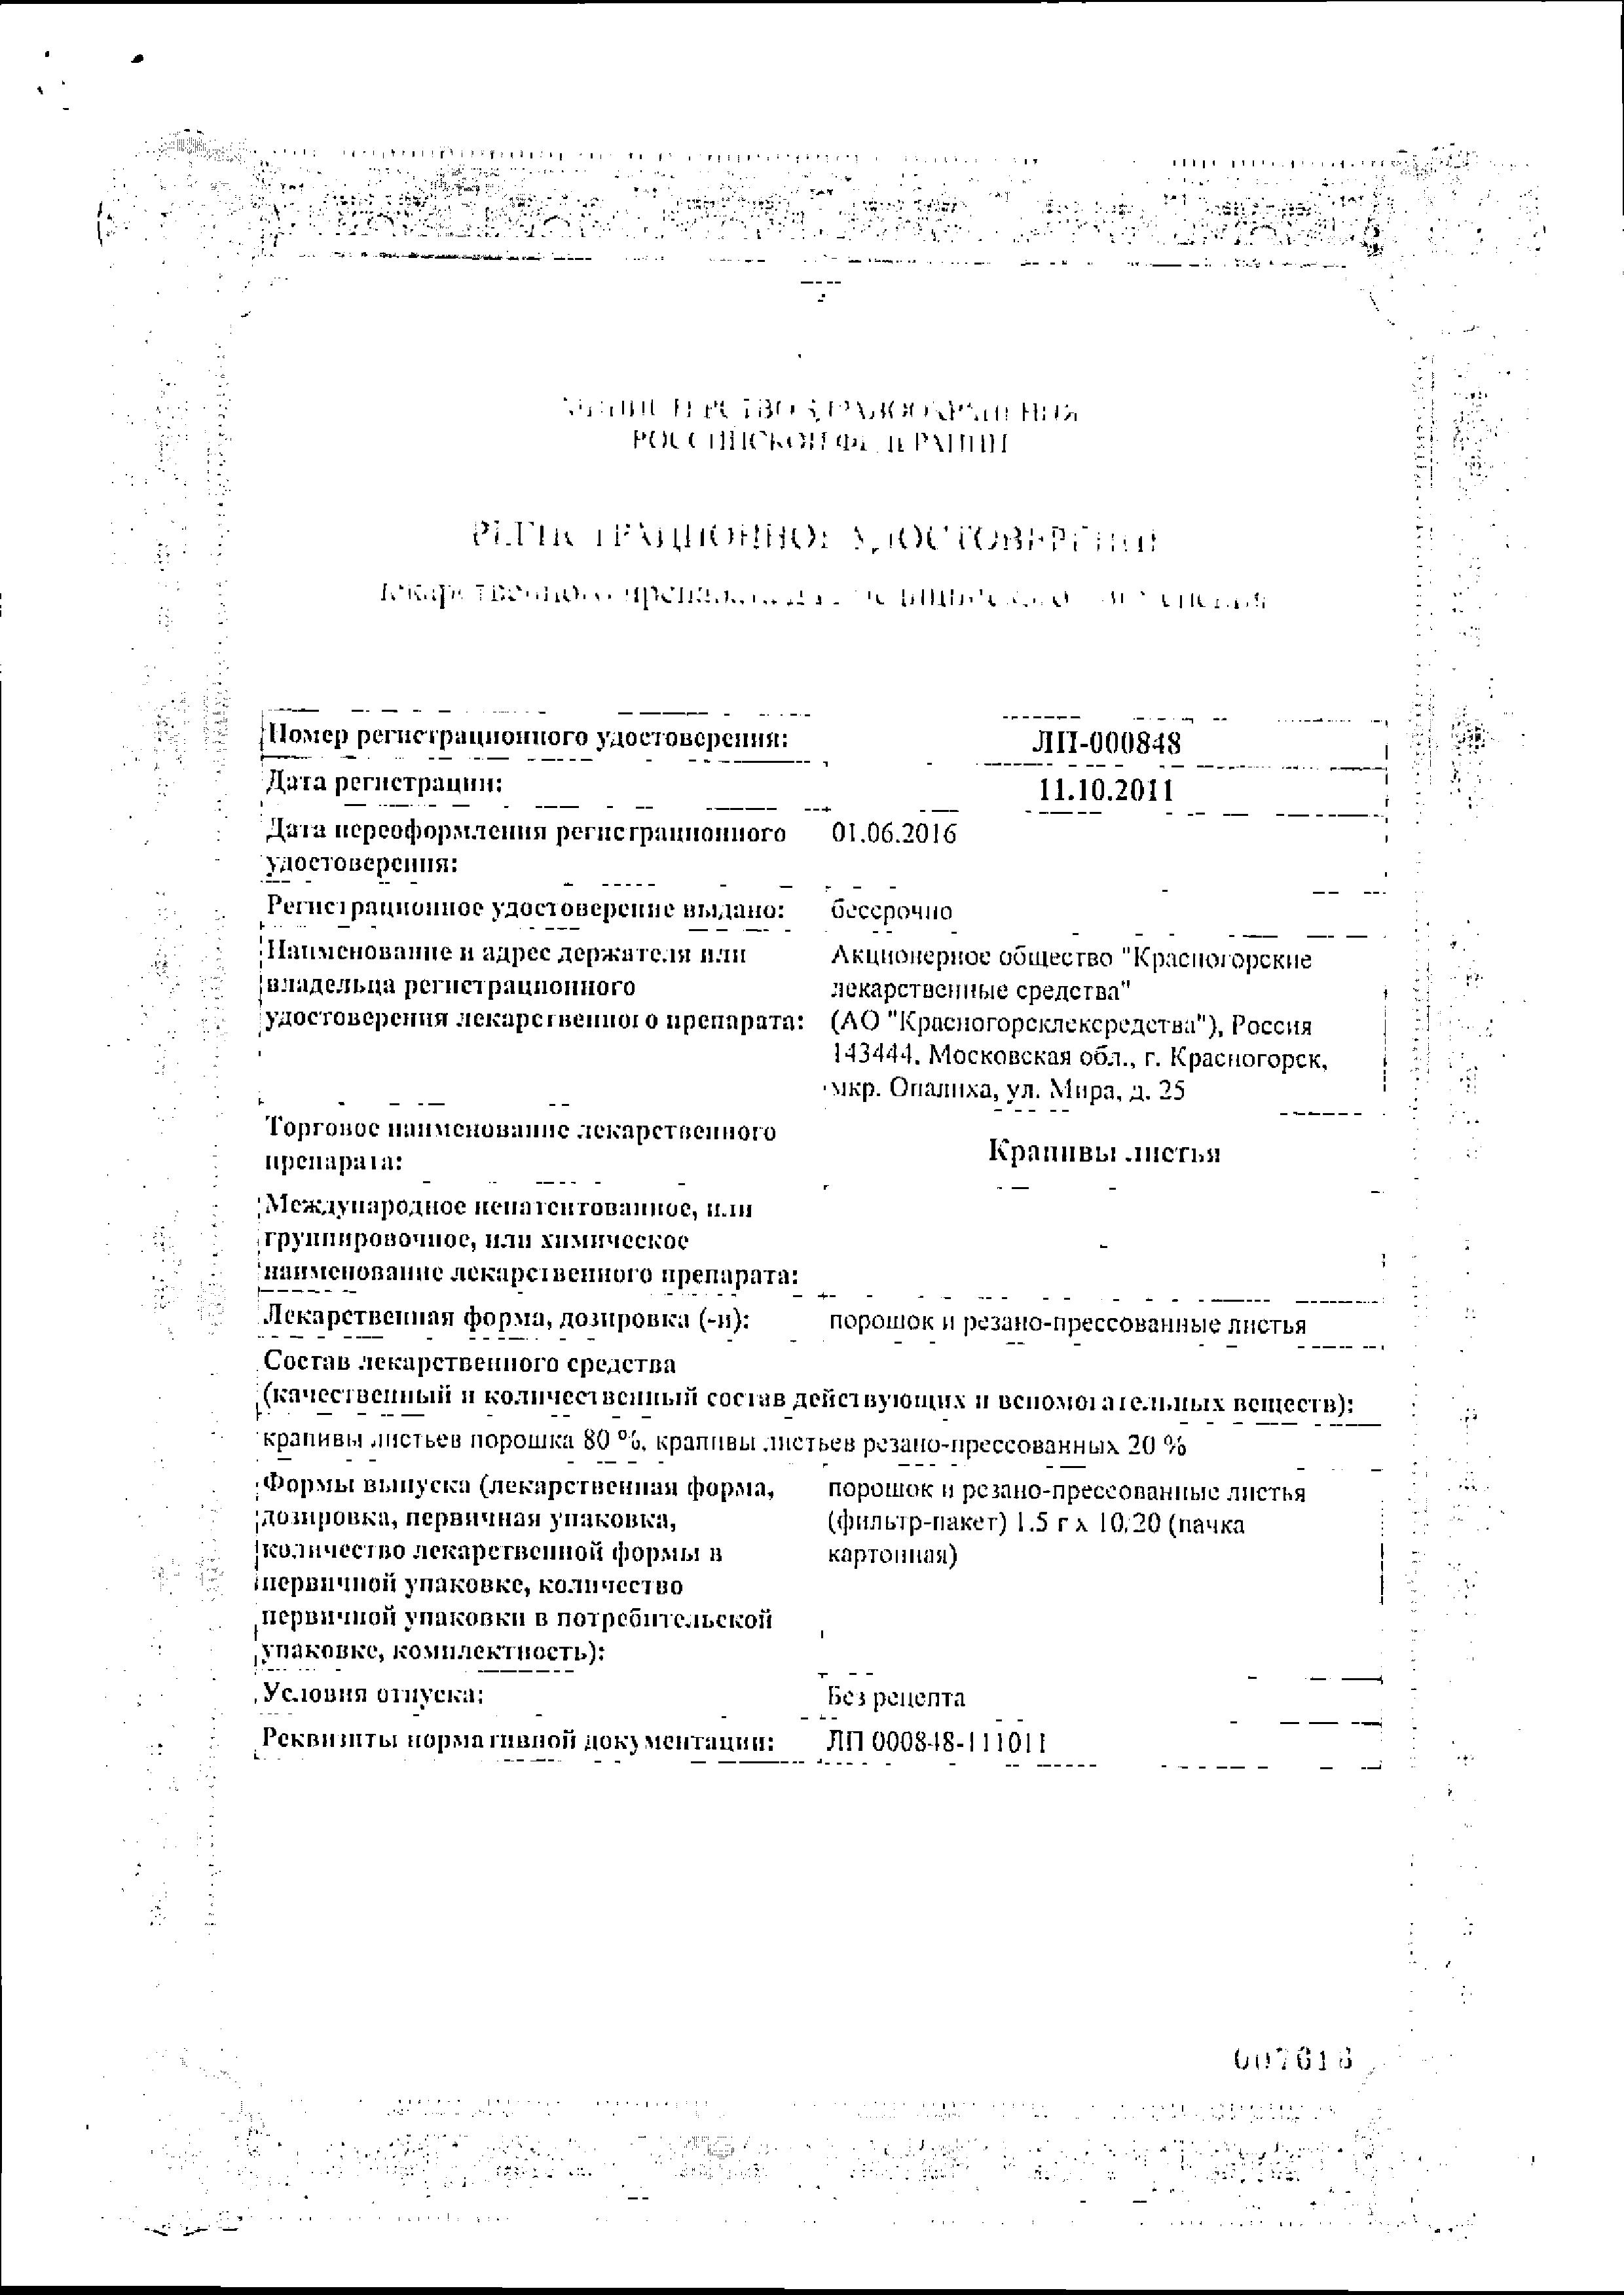 Крапивы листья сертификат